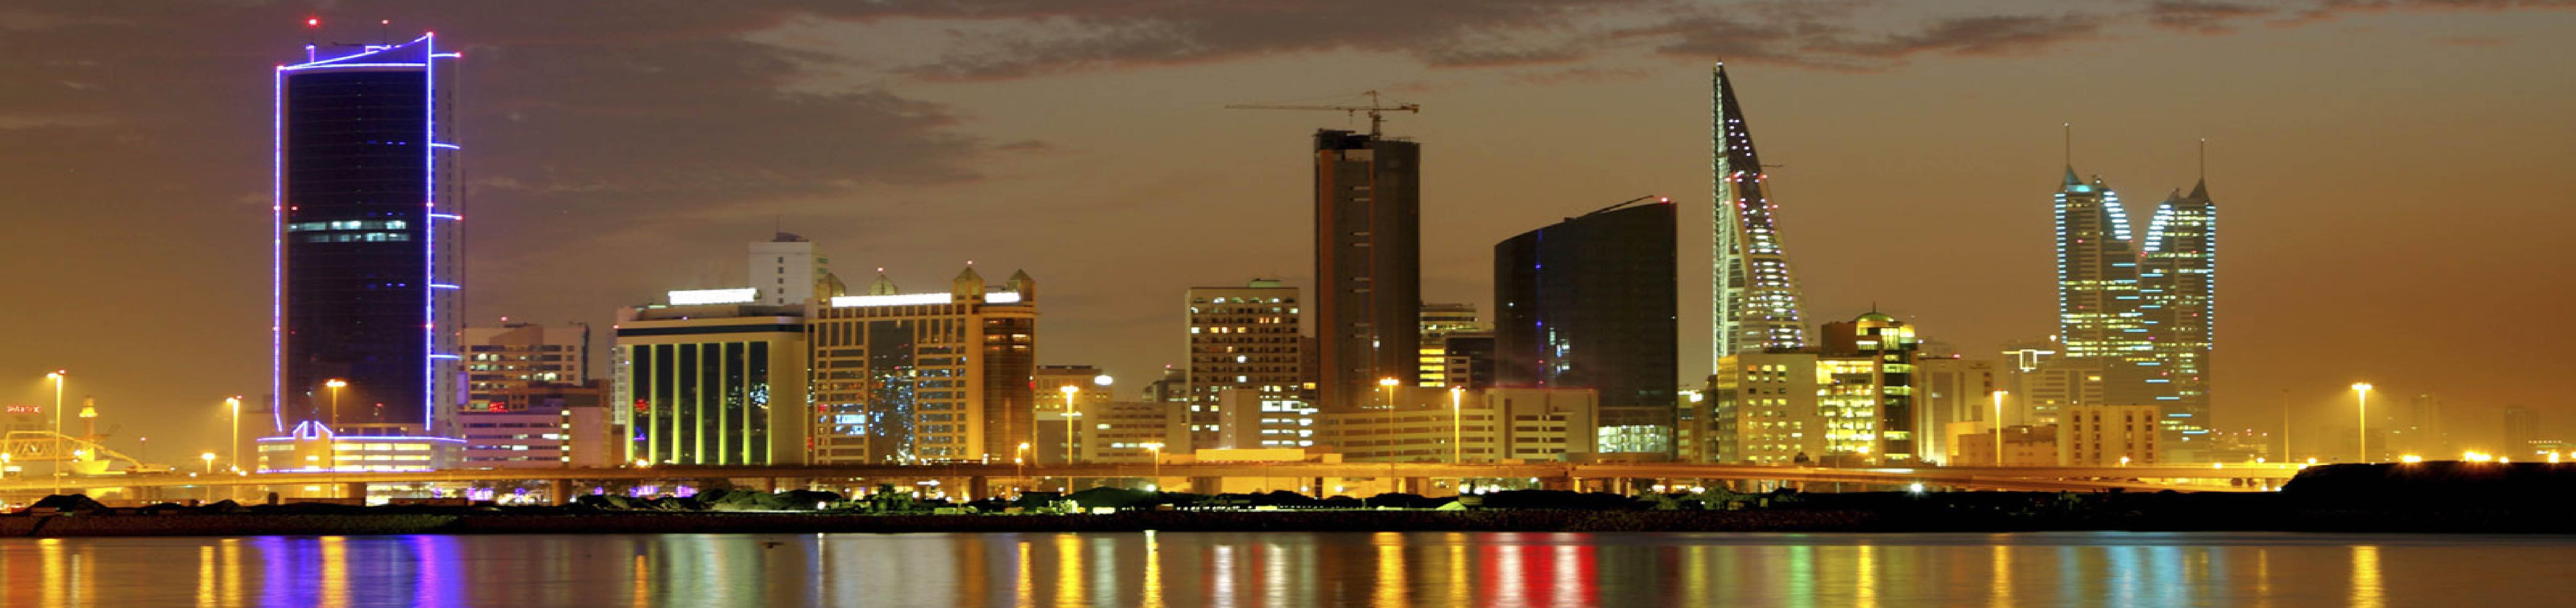 وظيفة ممتازة وحياة رائعة: العمل في البحرين